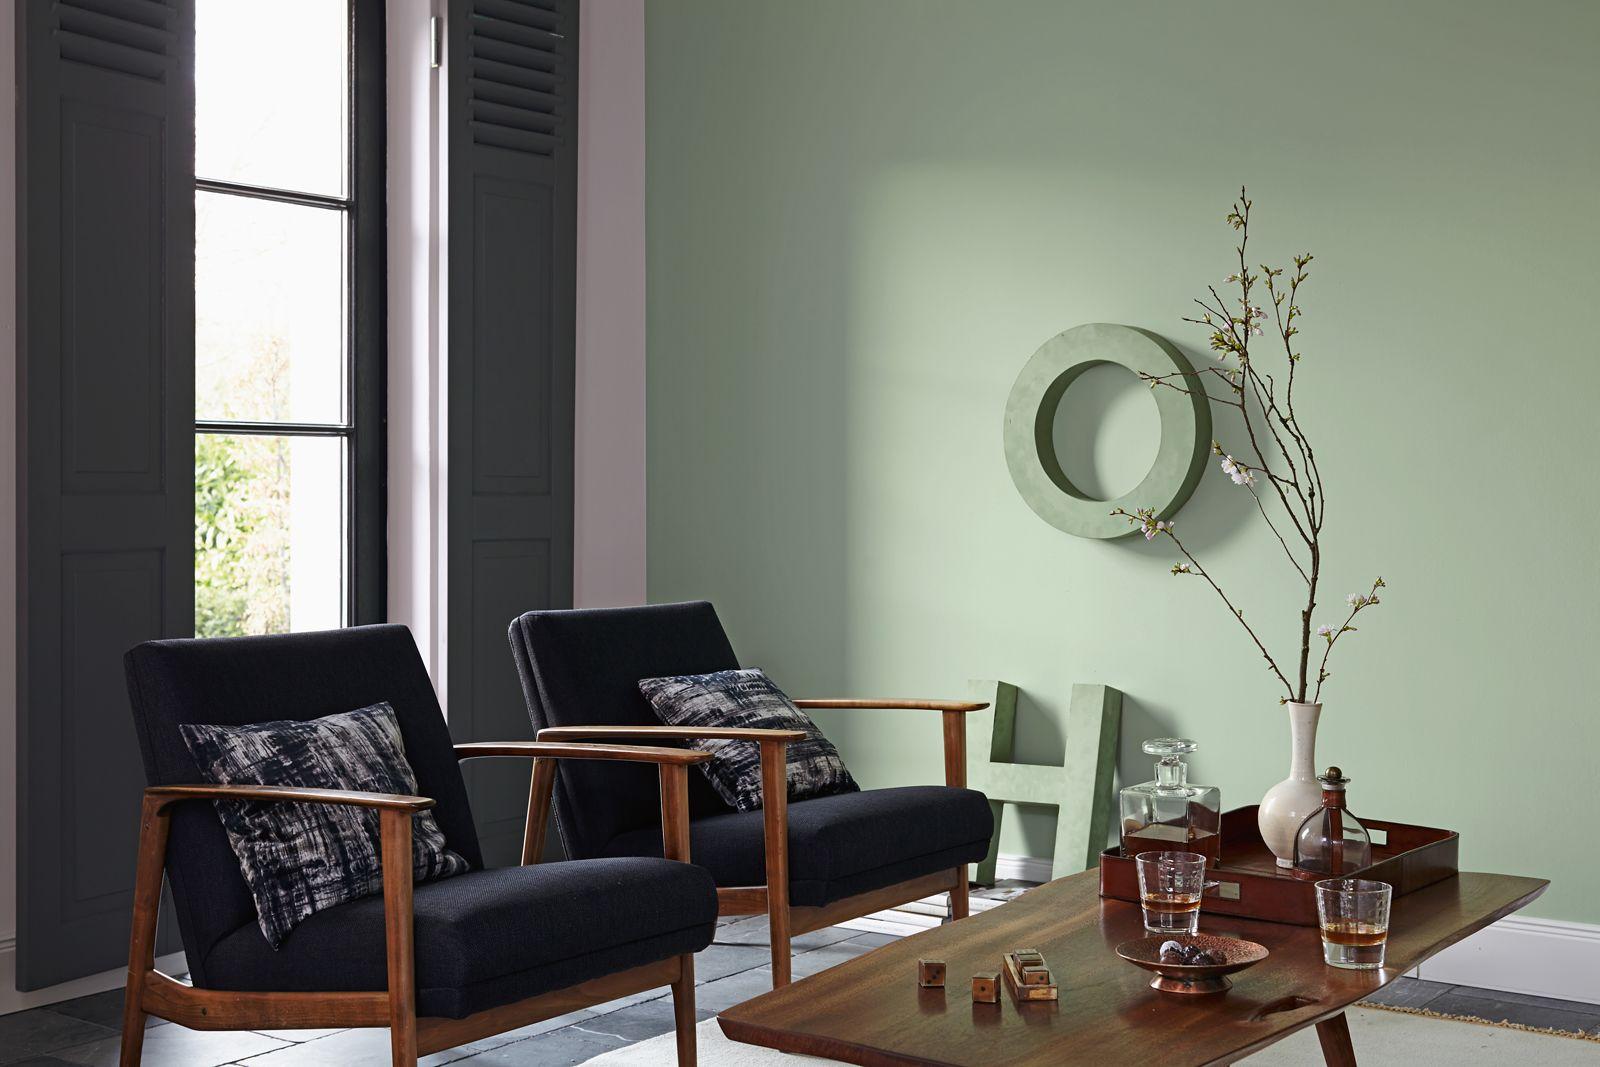 Wandgestaltung Trendtone Fur Wohnwande Ihr Ratgeber Fur Die Eigenen Vier Wande Homeplaza